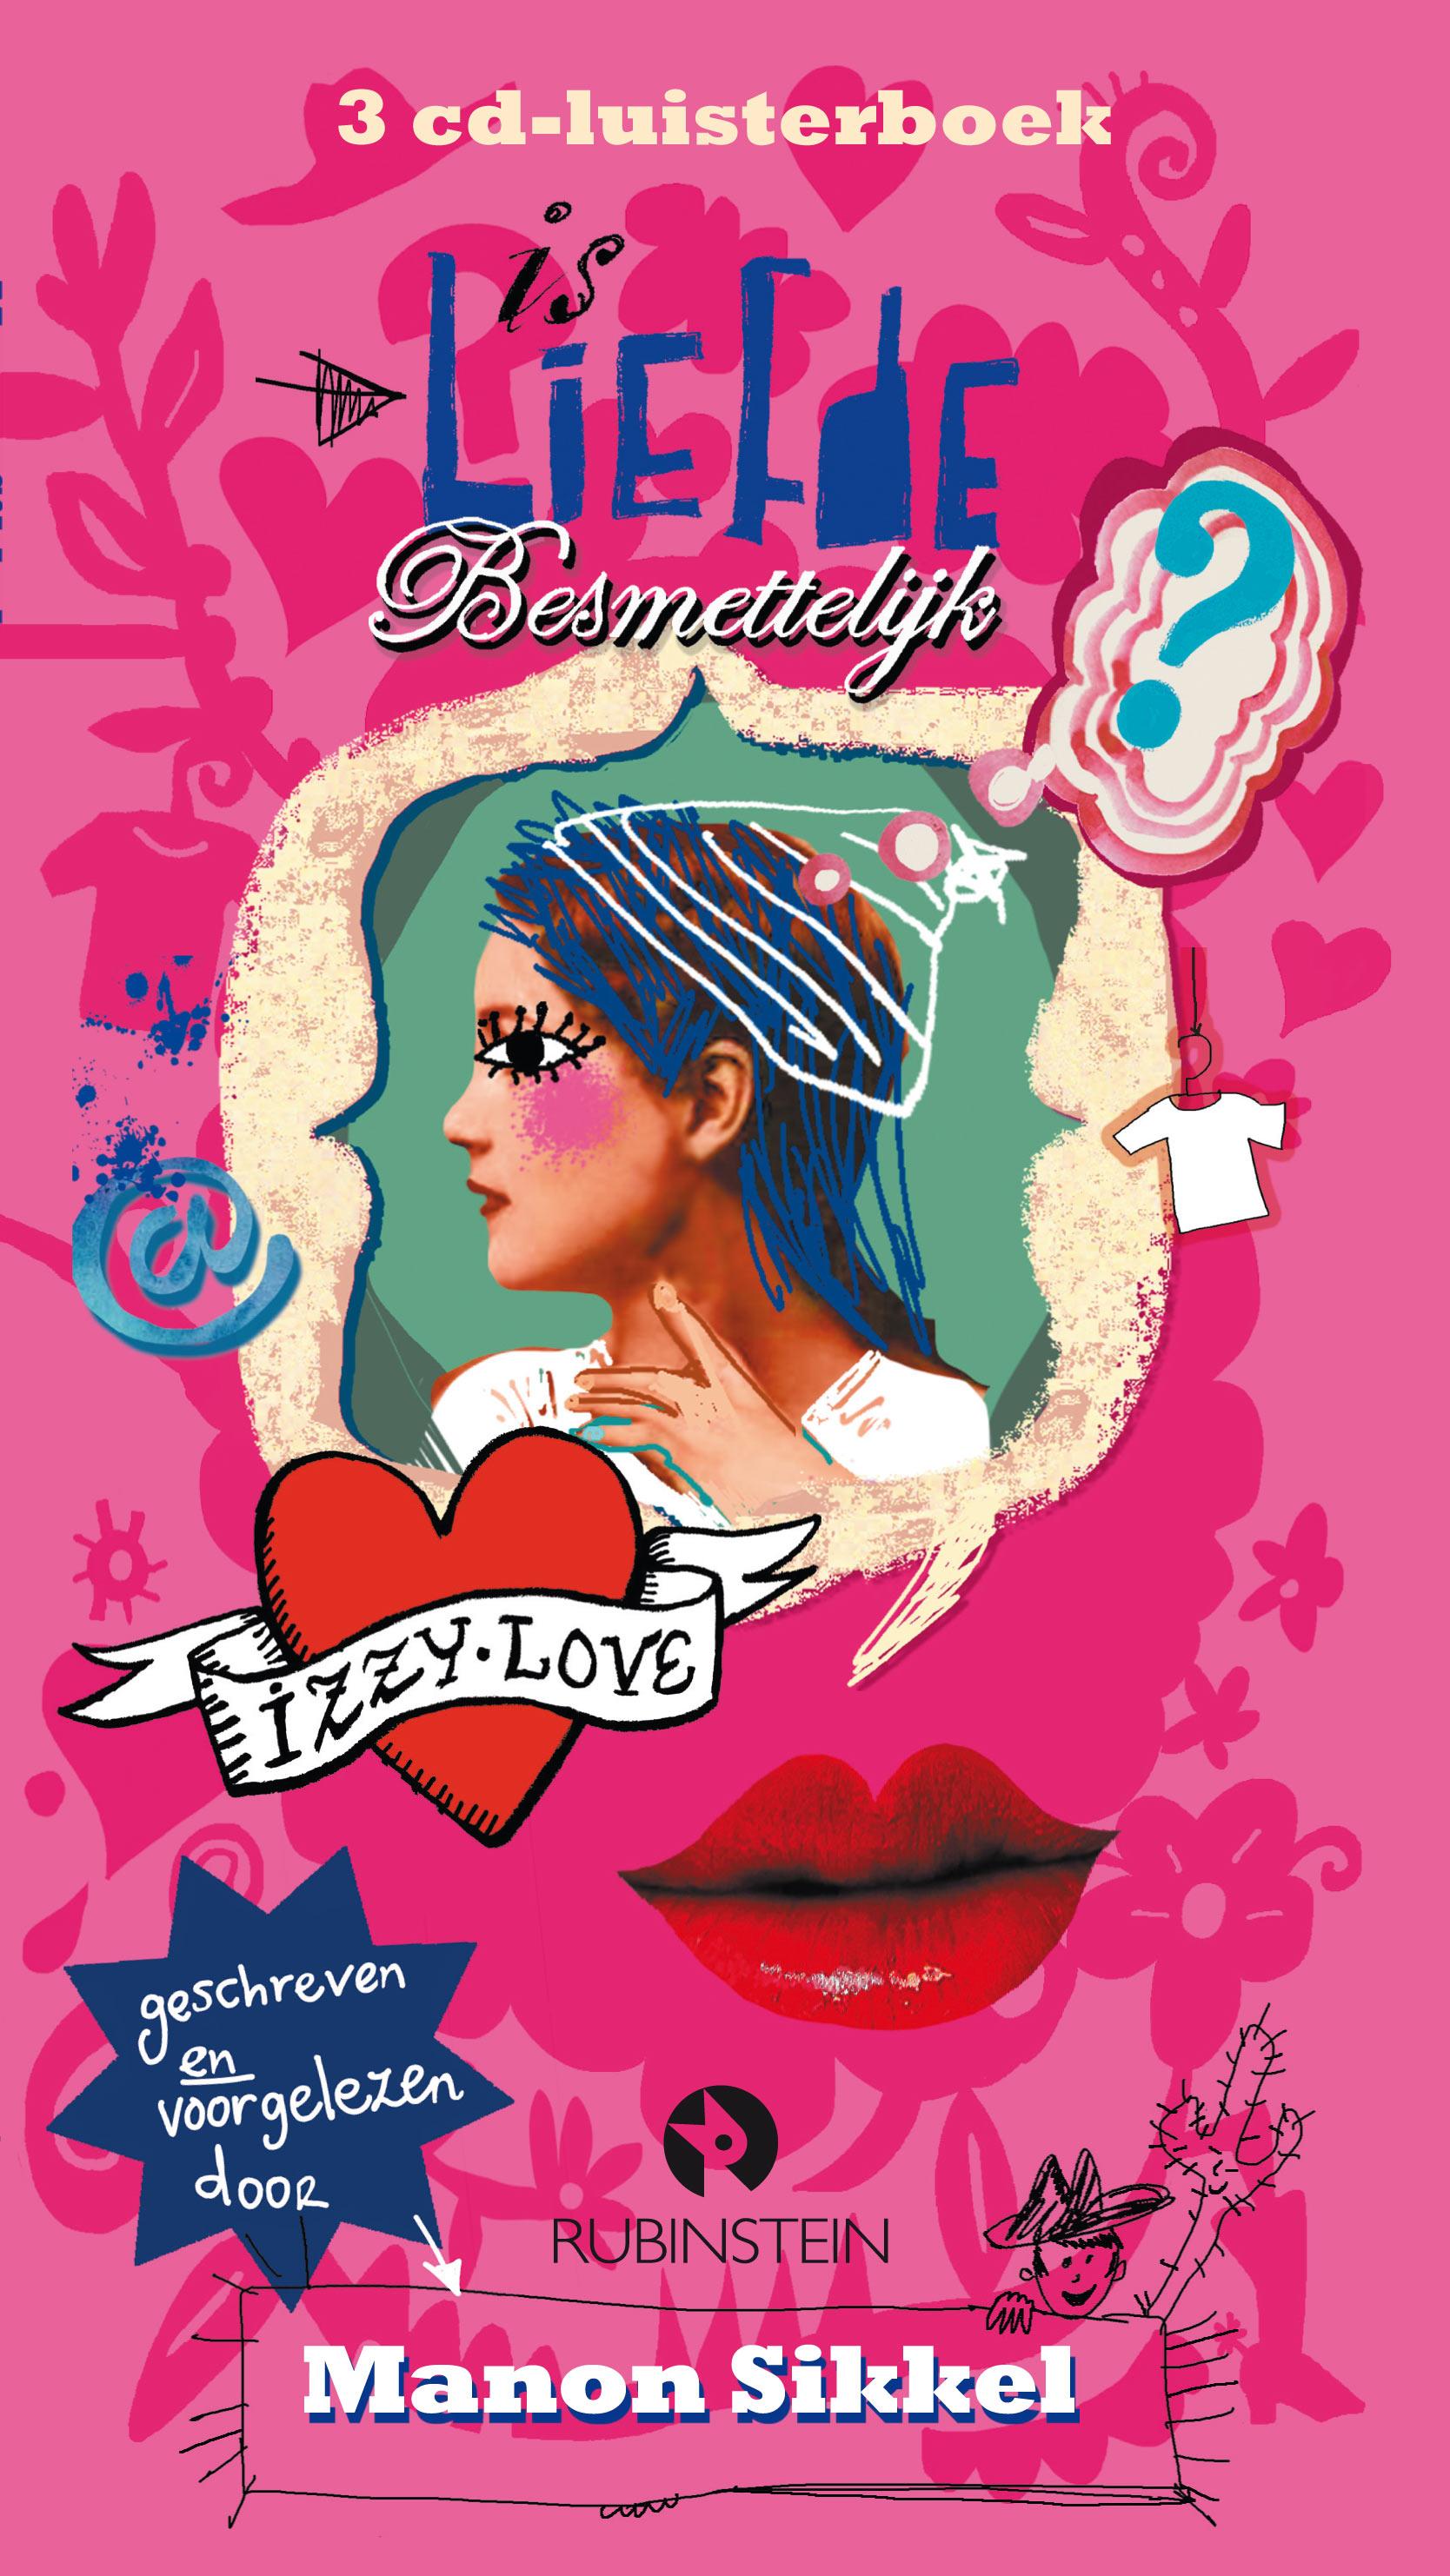 Is liefde besmettelijk? luisterboek Boek omslag